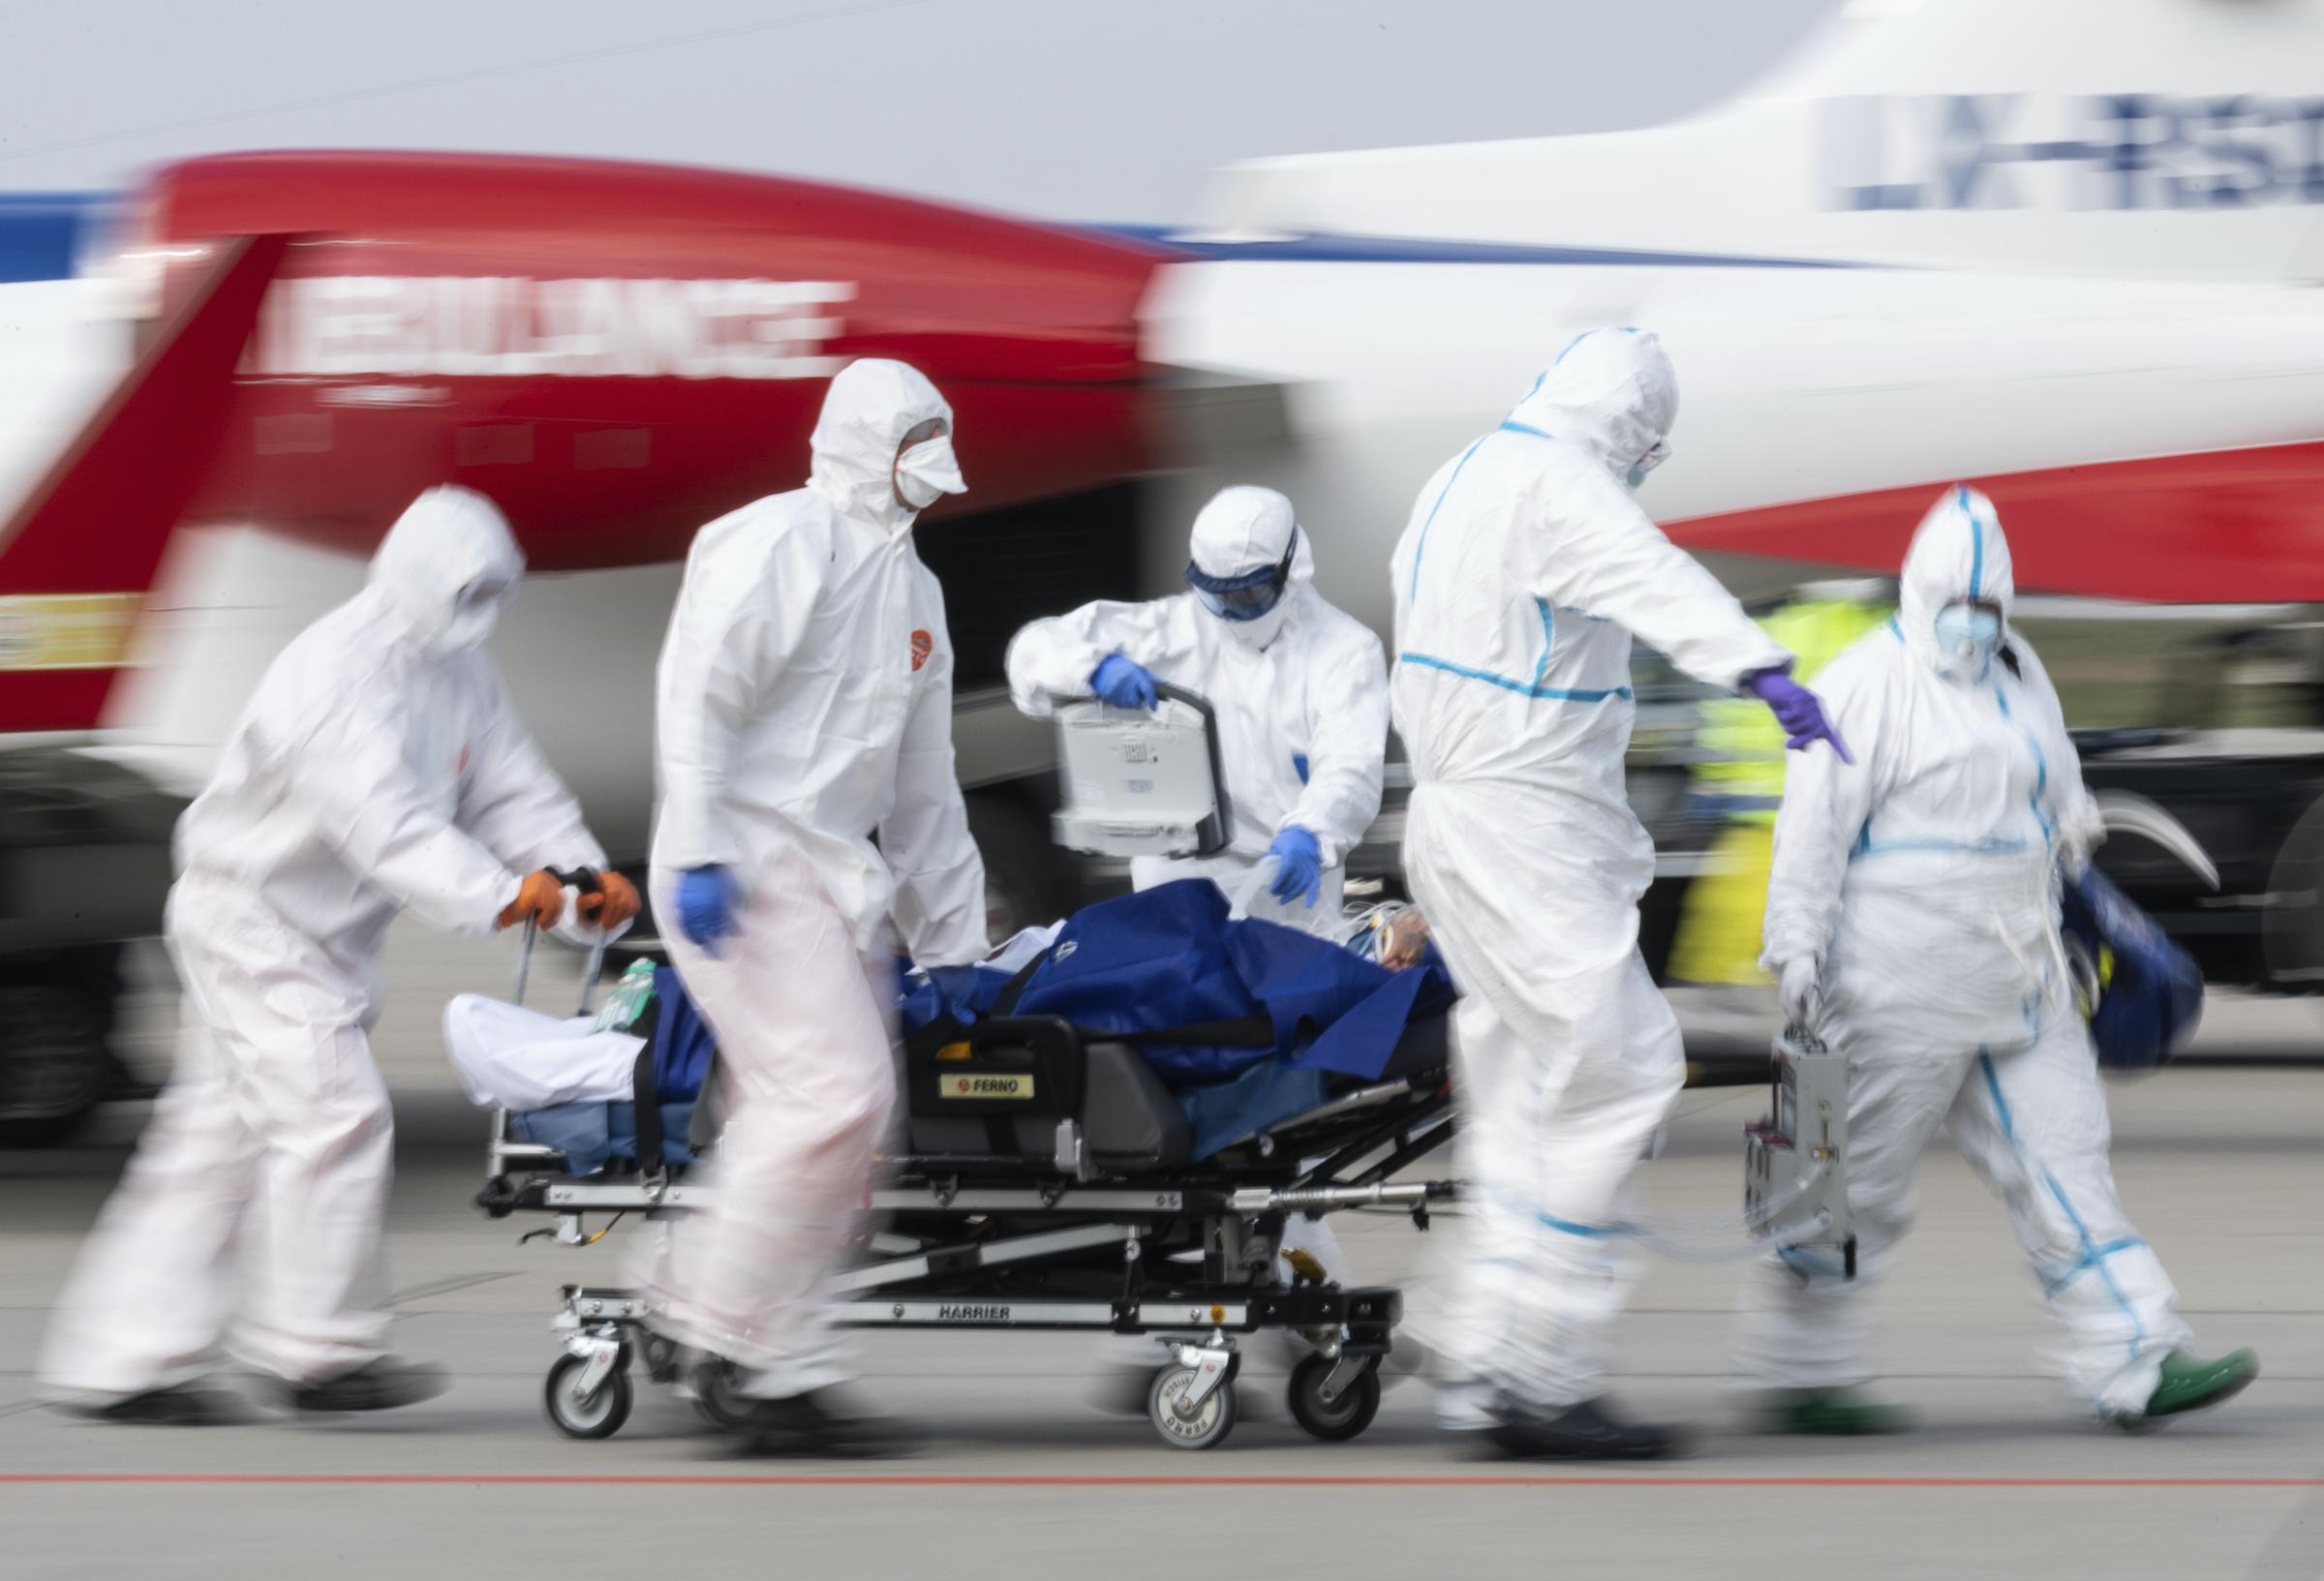 nemacka:-broj-preminulih-od-korona-virusa-presao-9.000